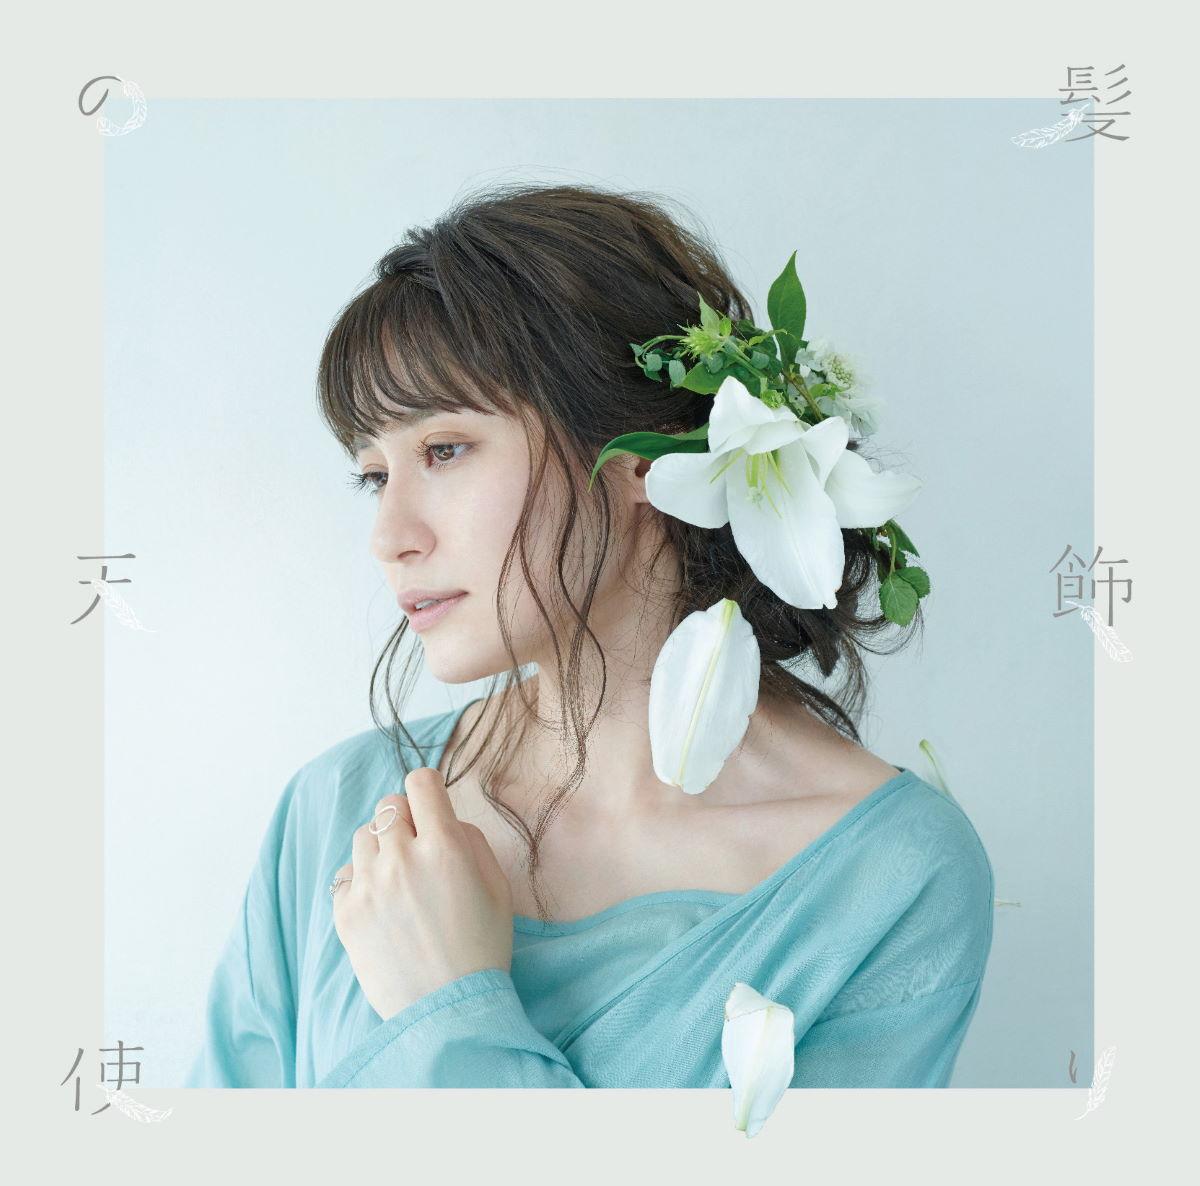 『中島愛 - Kailan』収録の『髪飾りの天使/水槽』ジャケット